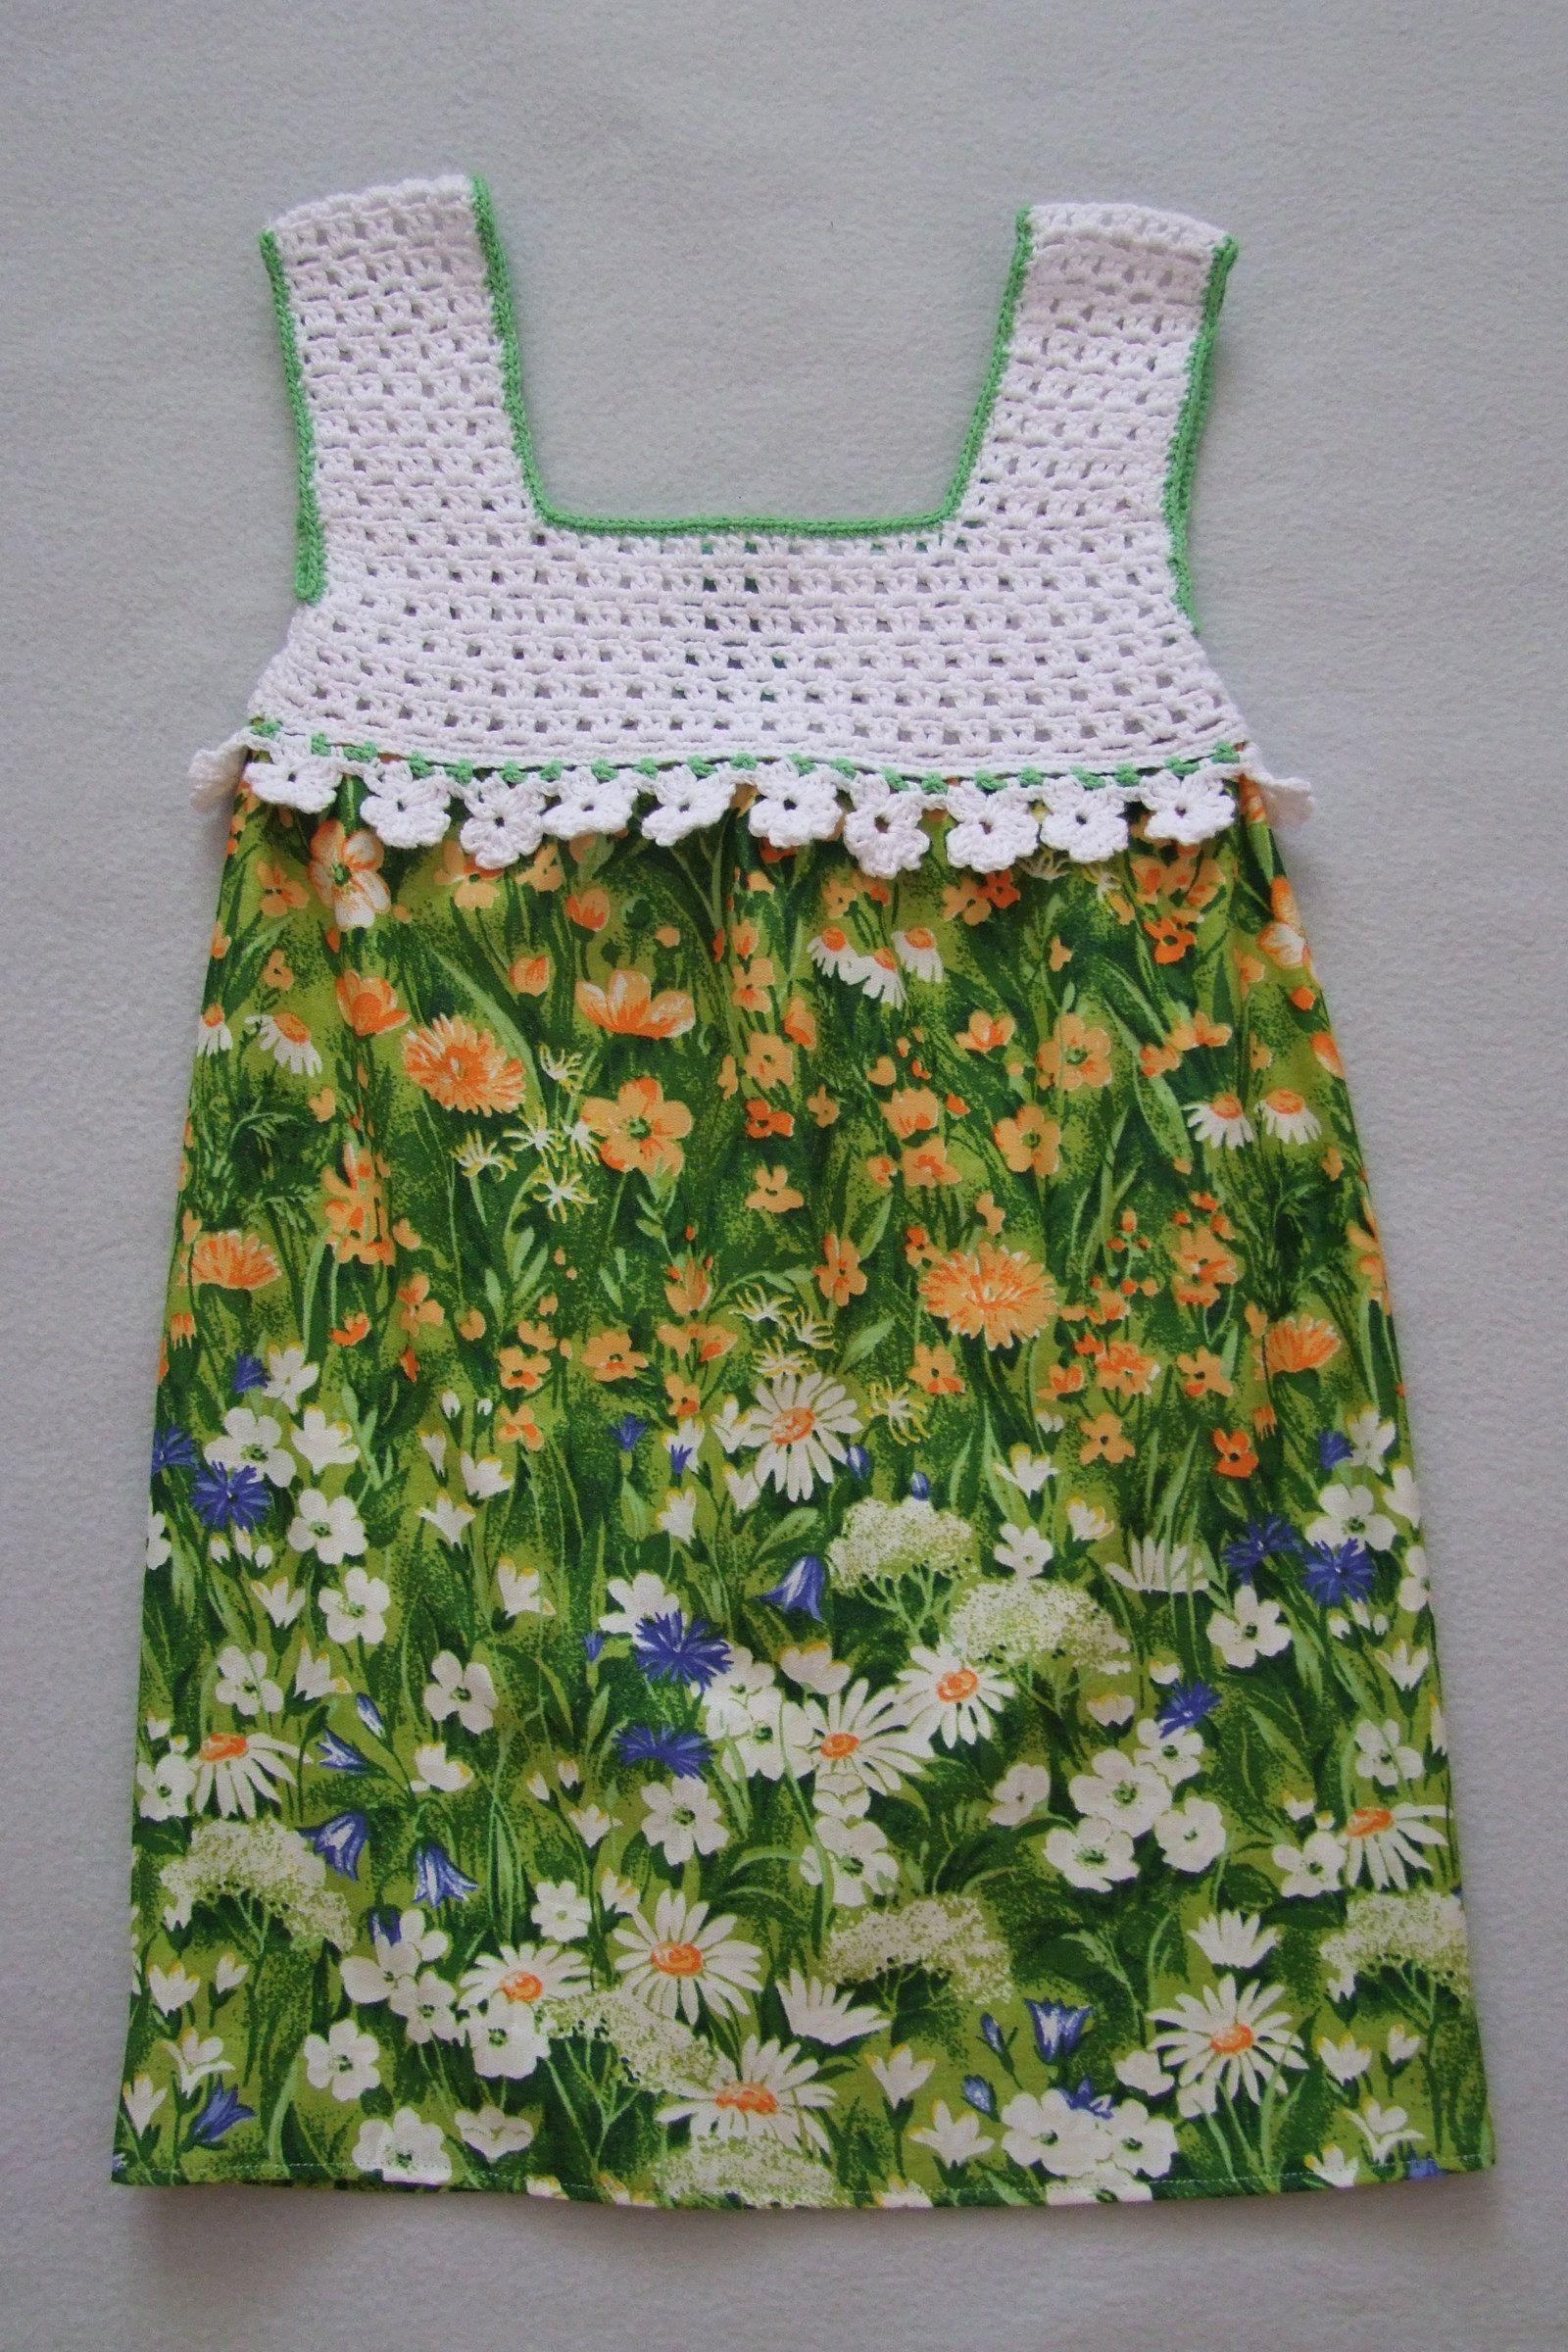 cf3e68a74156 Kvetoucí louka (bílý vršek) Dívčí letní šatičky